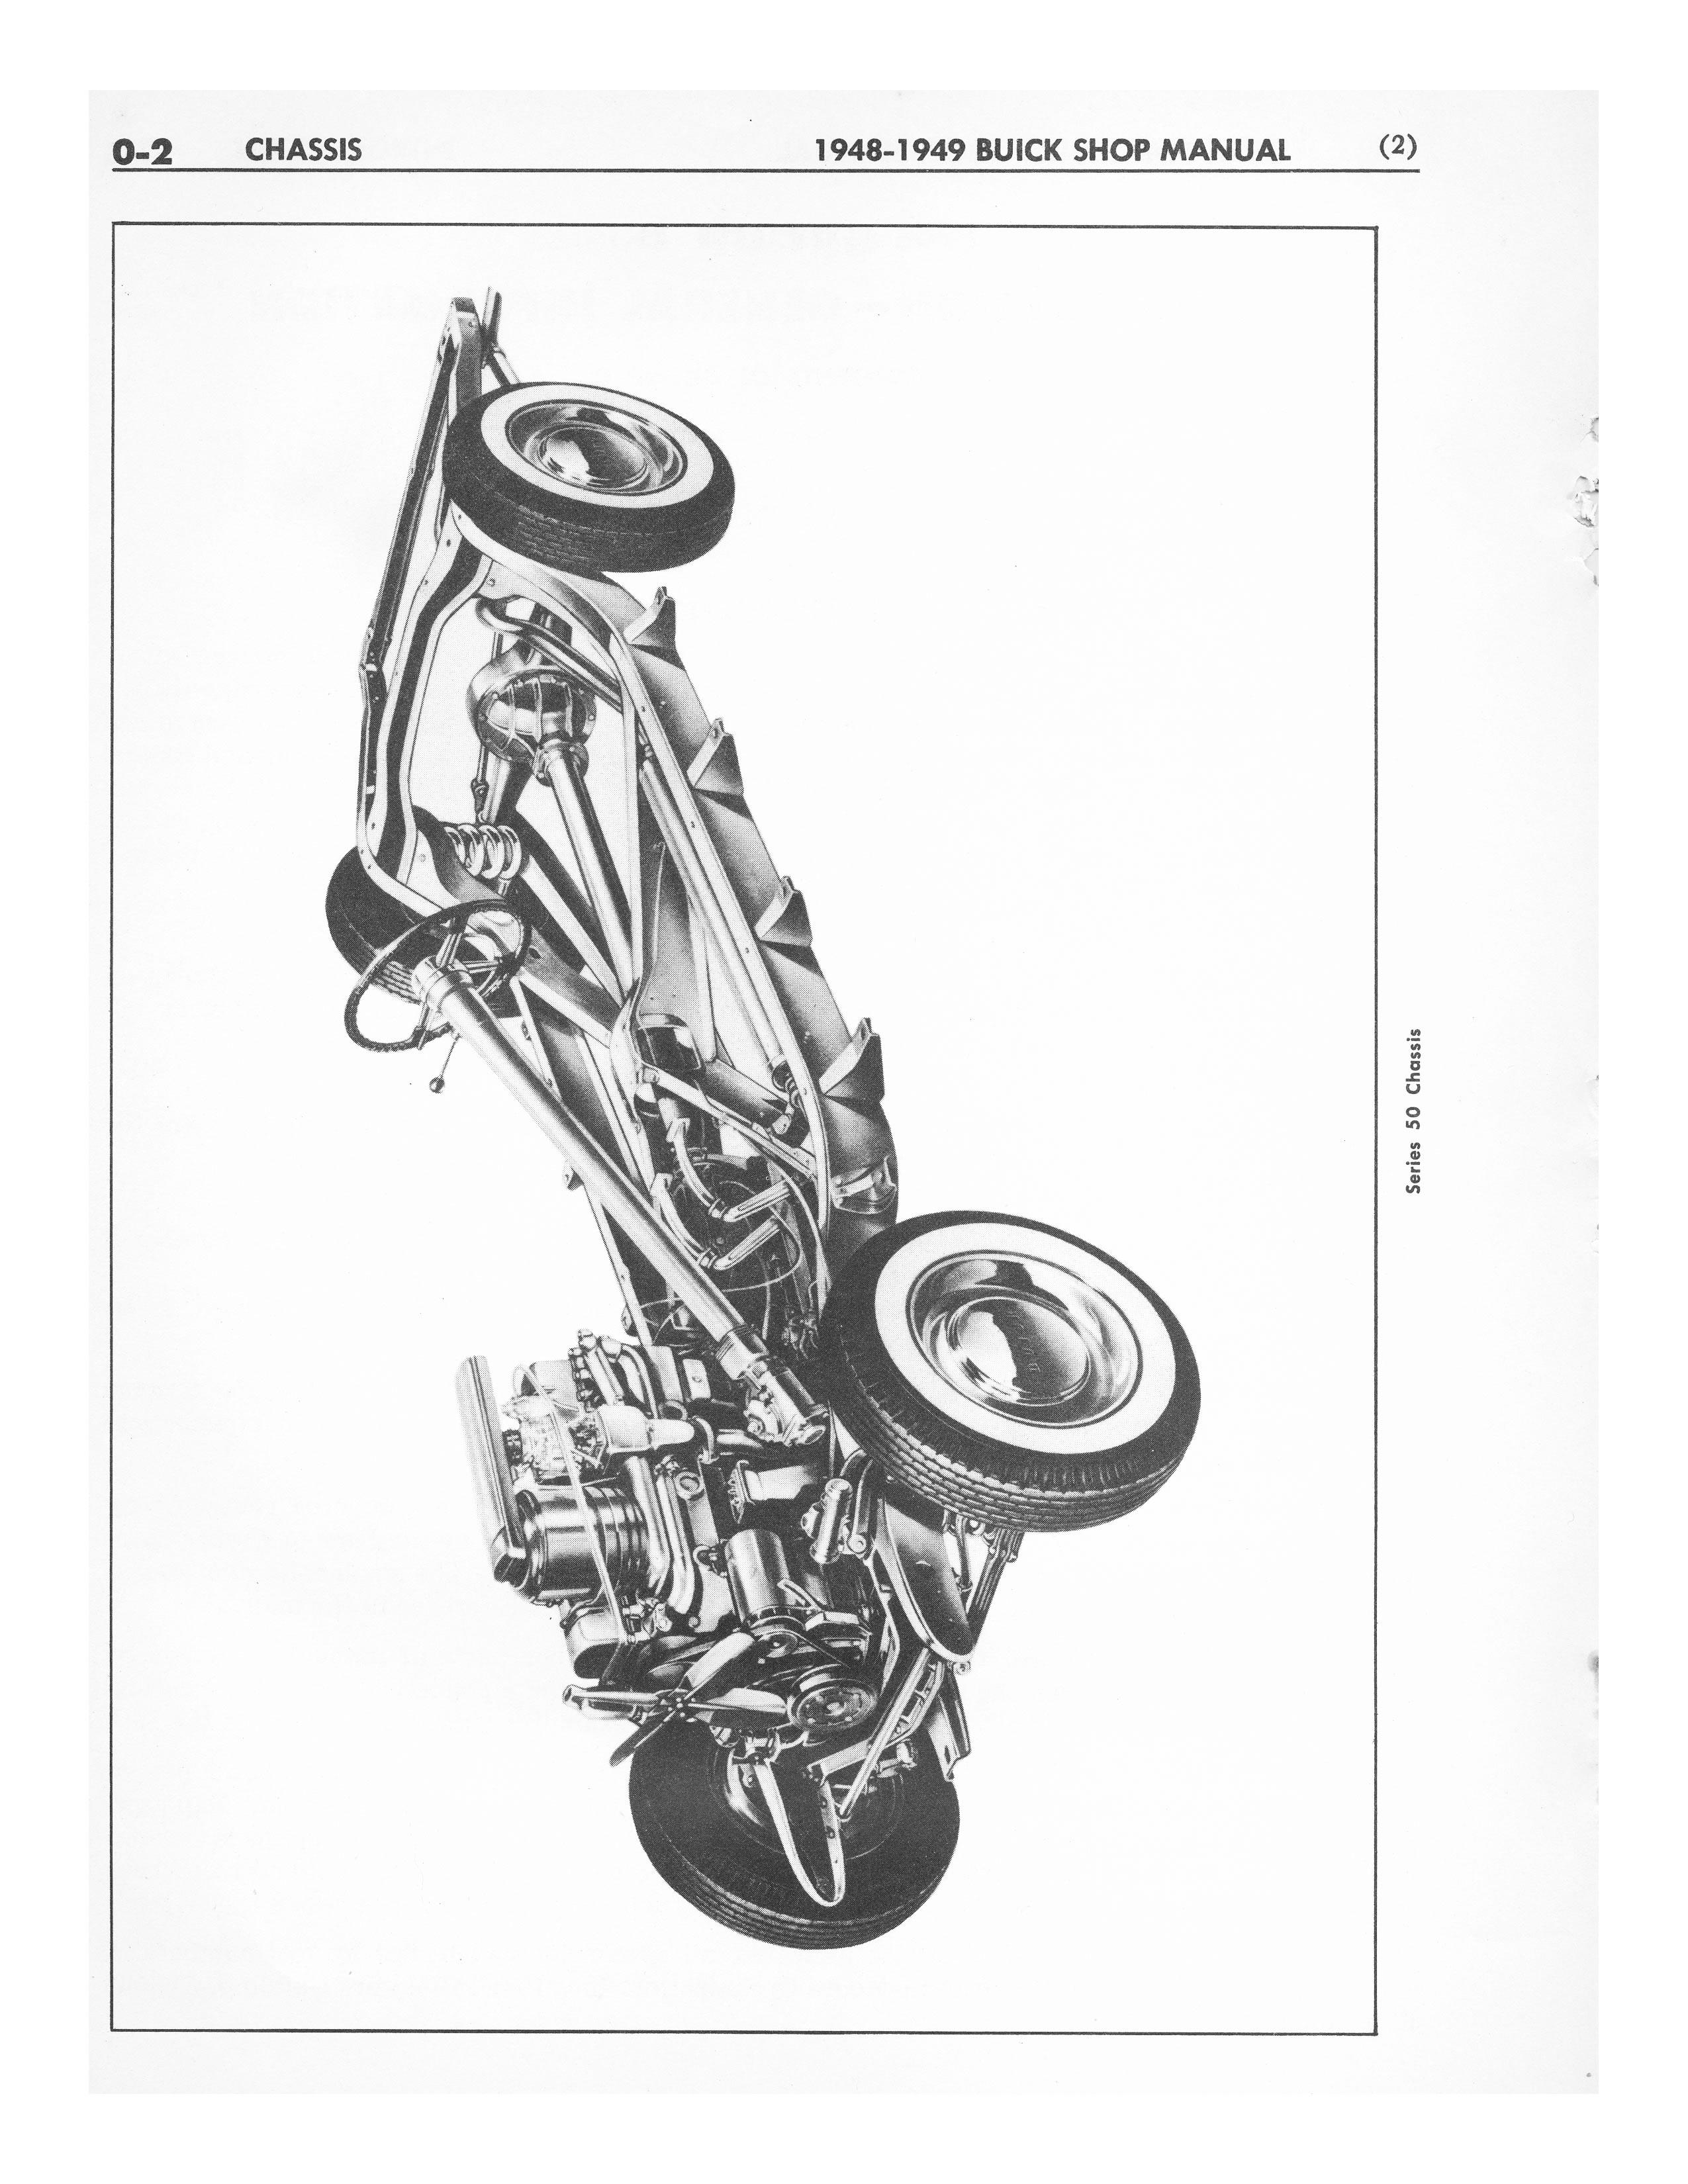 1948-1949 Buick Shop Manual / 48-49BuickShopManual0003.jpg